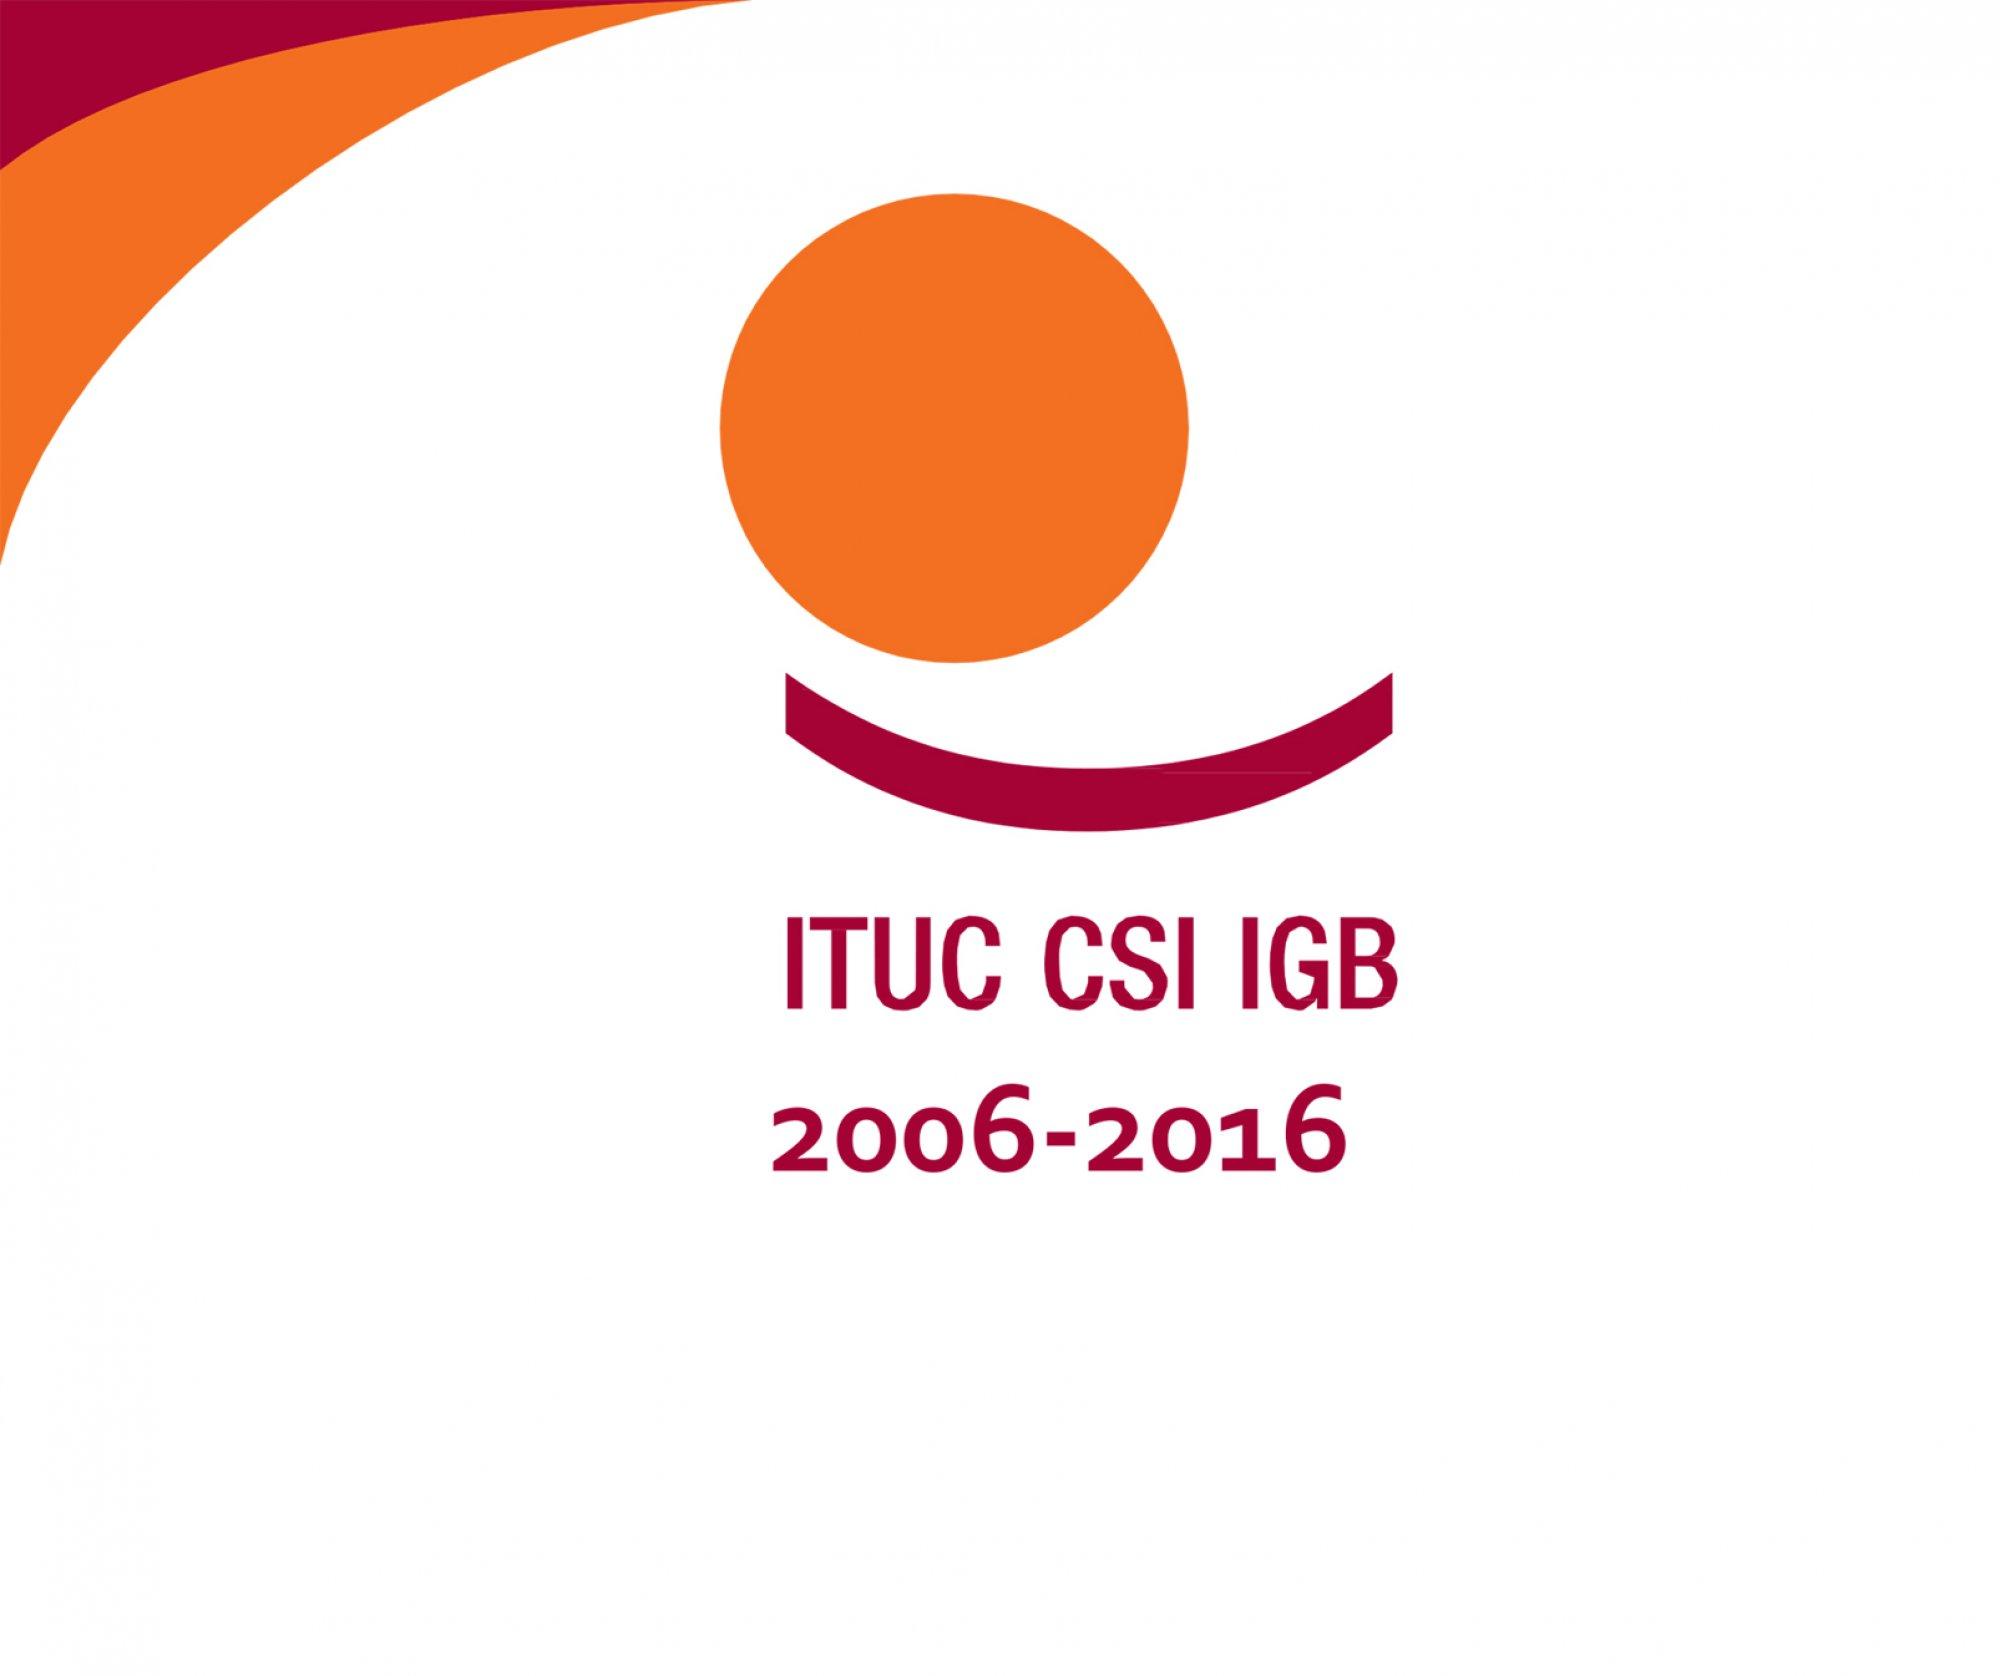 ITUC'UN 10. KURULUŞ YILDÖNÜMÜNÜ KUTLUYORUZ